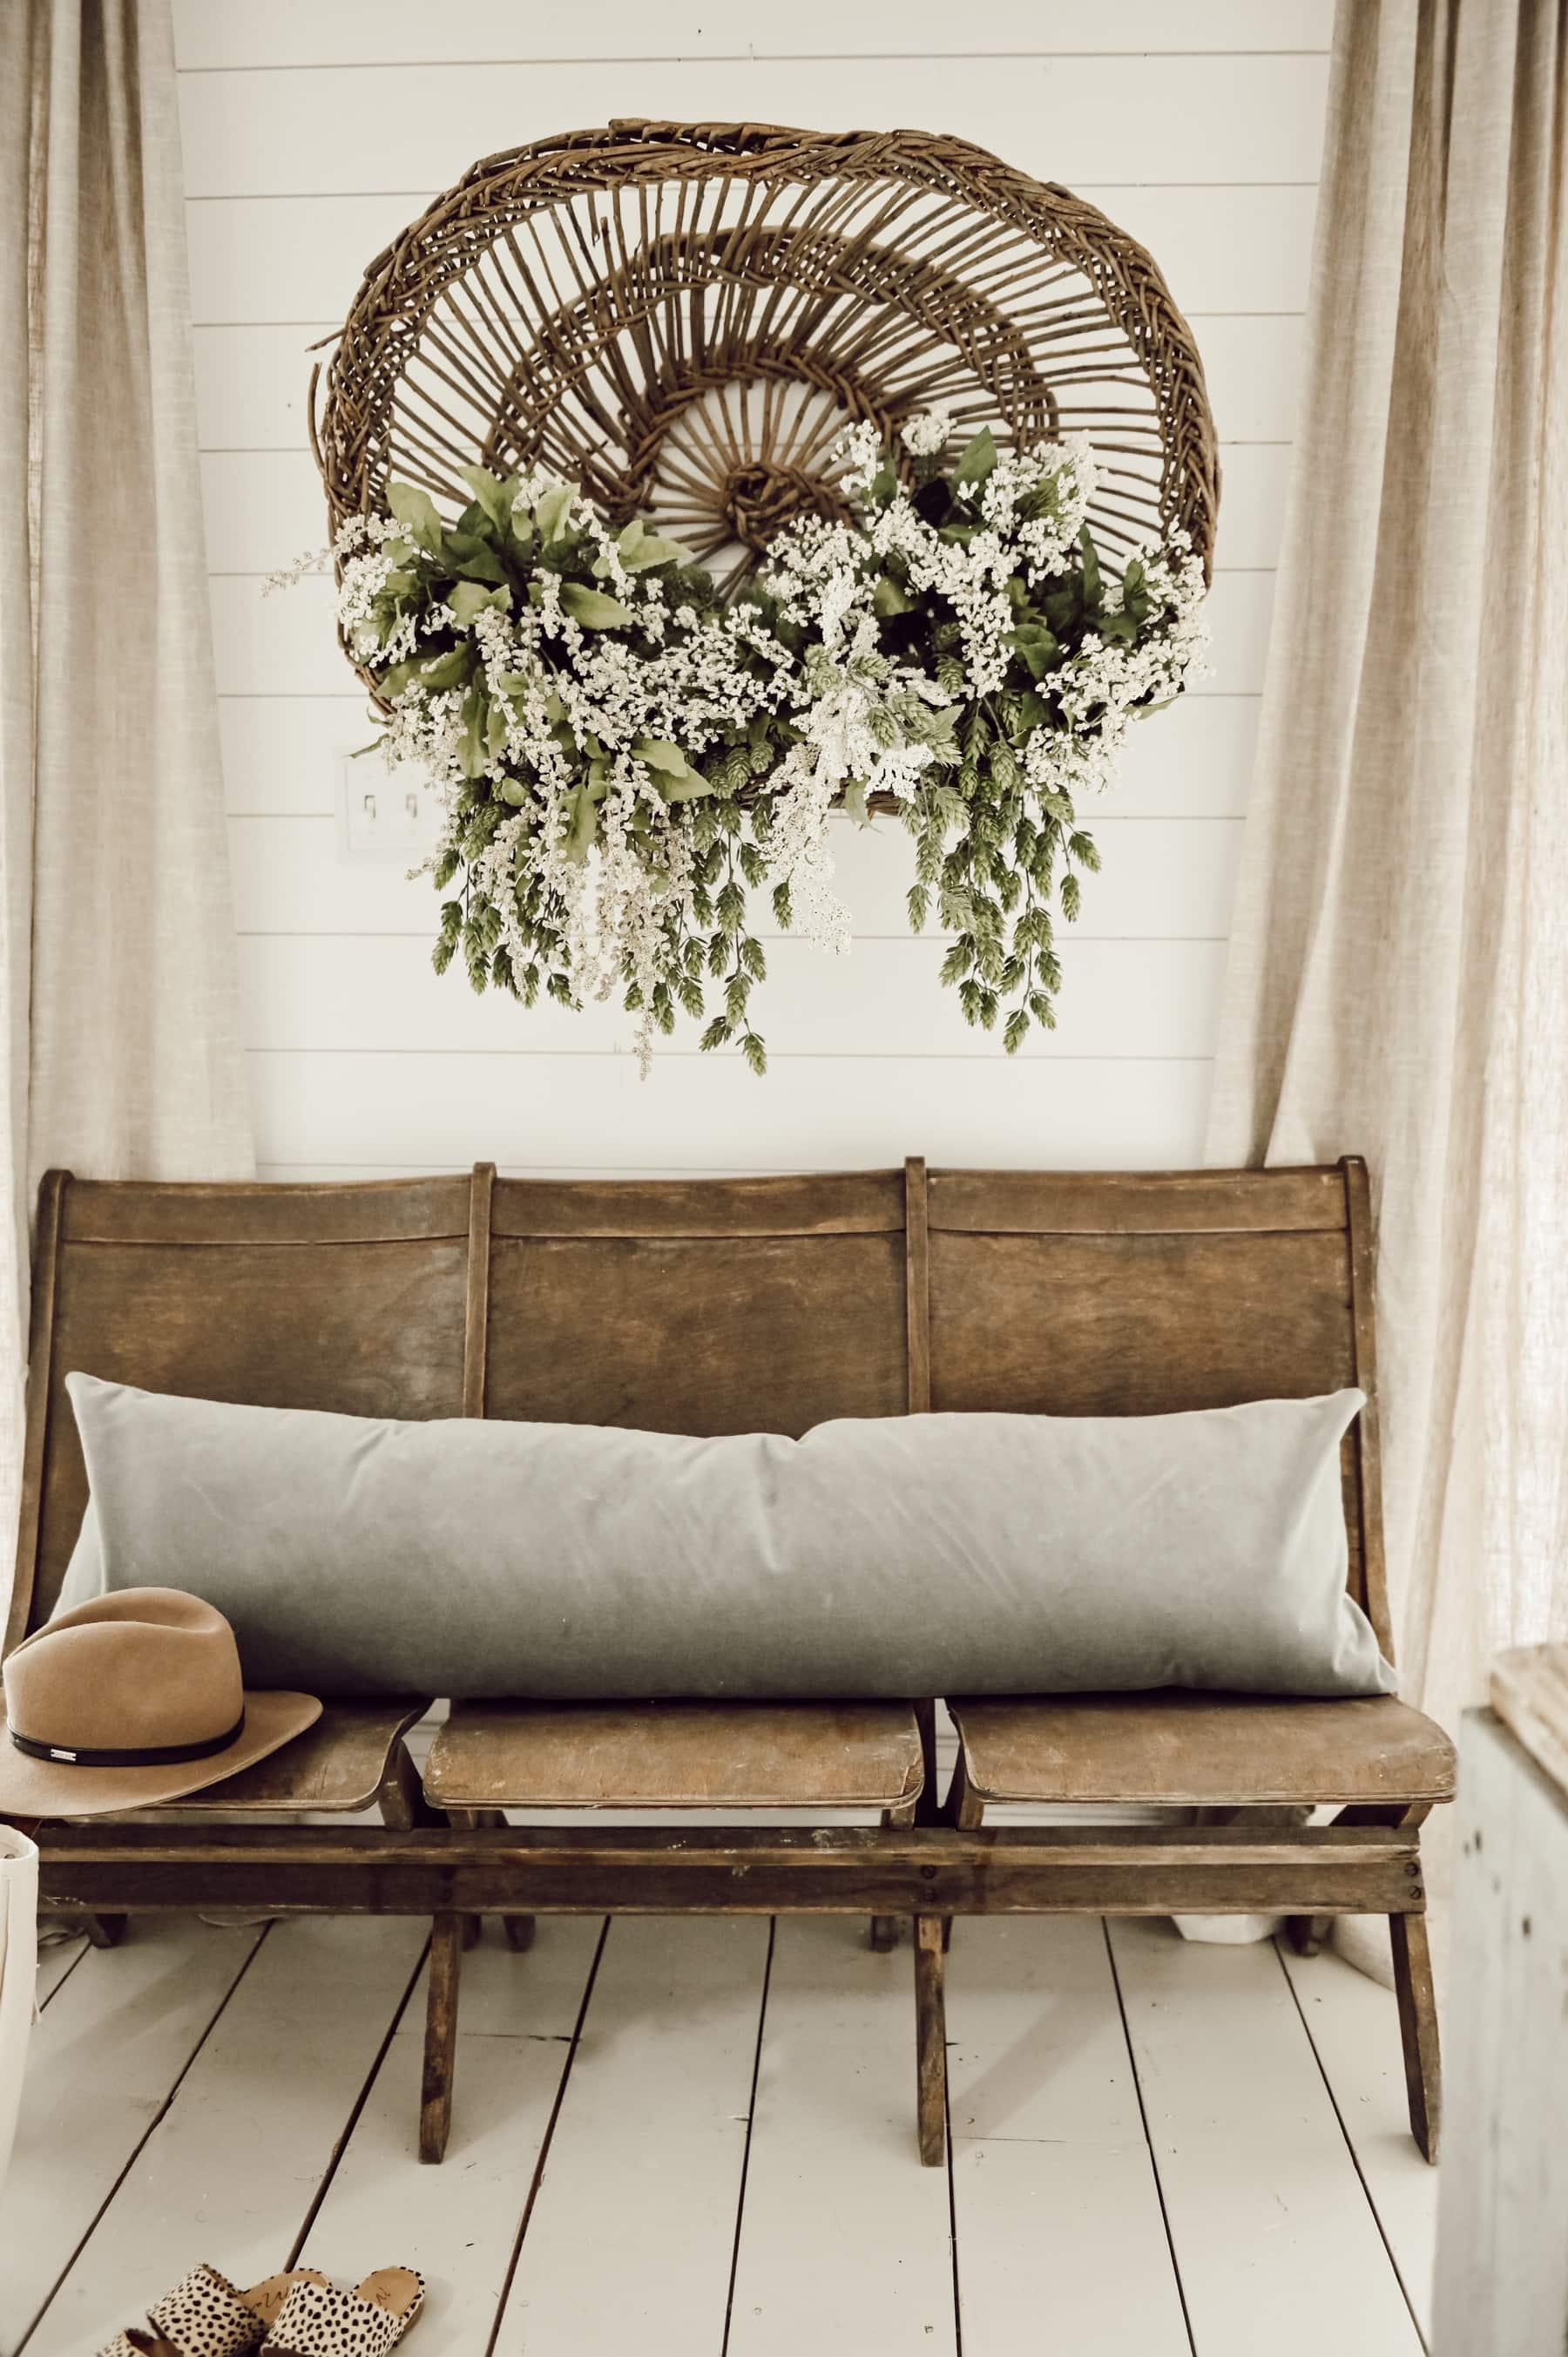 Hanging Floral Basket Art